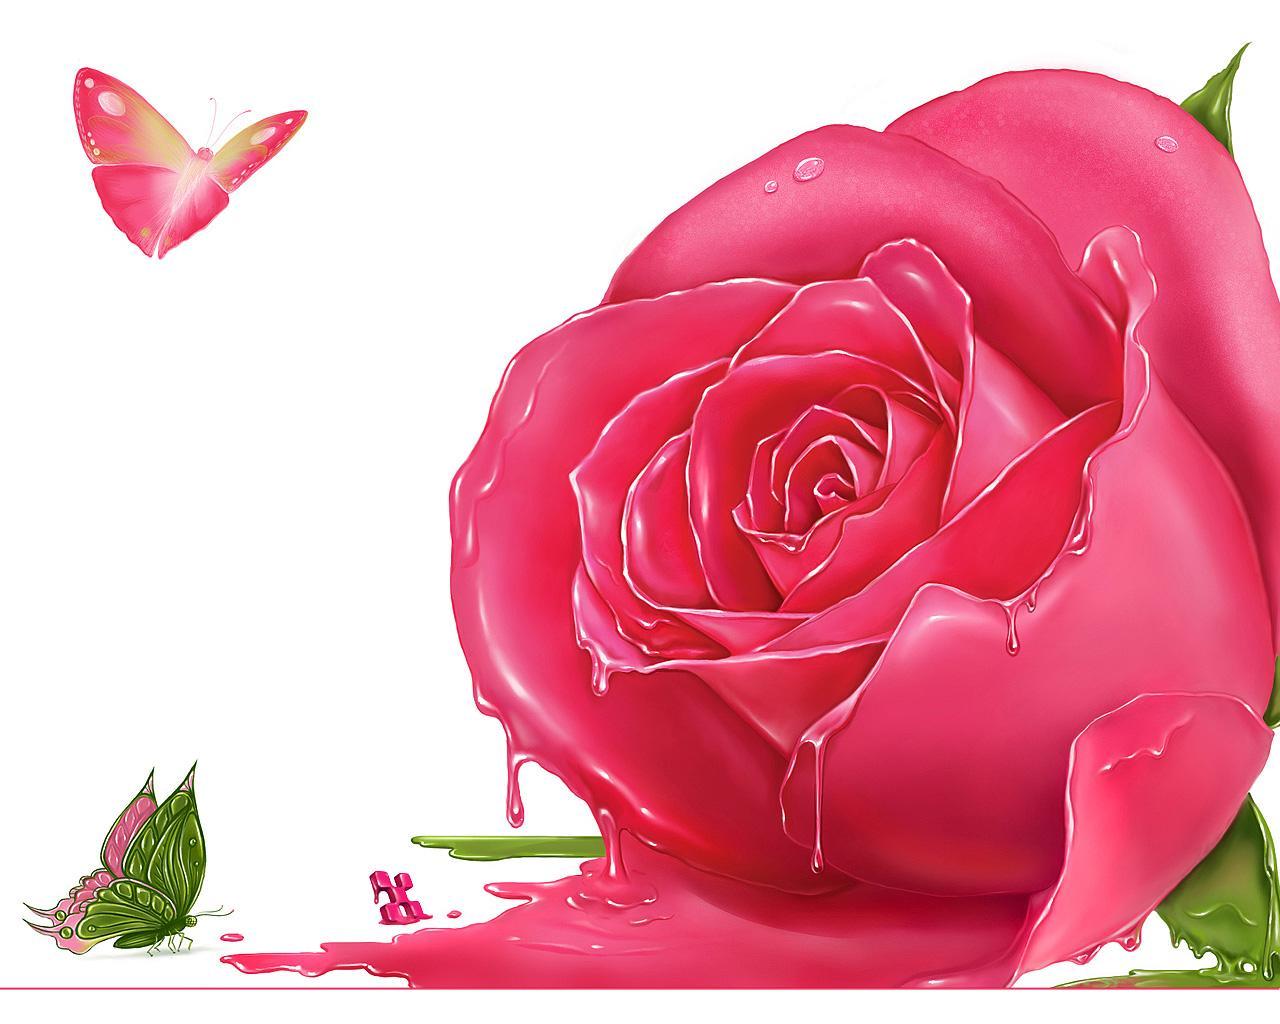 http://4.bp.blogspot.com/-AkOv1ZhfBmo/UJzTcTqa2vI/AAAAAAAAA9U/TrgIo_3fSDM/s1600/mh+studio+fort+abbas+mubashir+hassan+rose+03452004005+0632510005+news+pao+paper+tv+pic+pakistan+(18).jpg